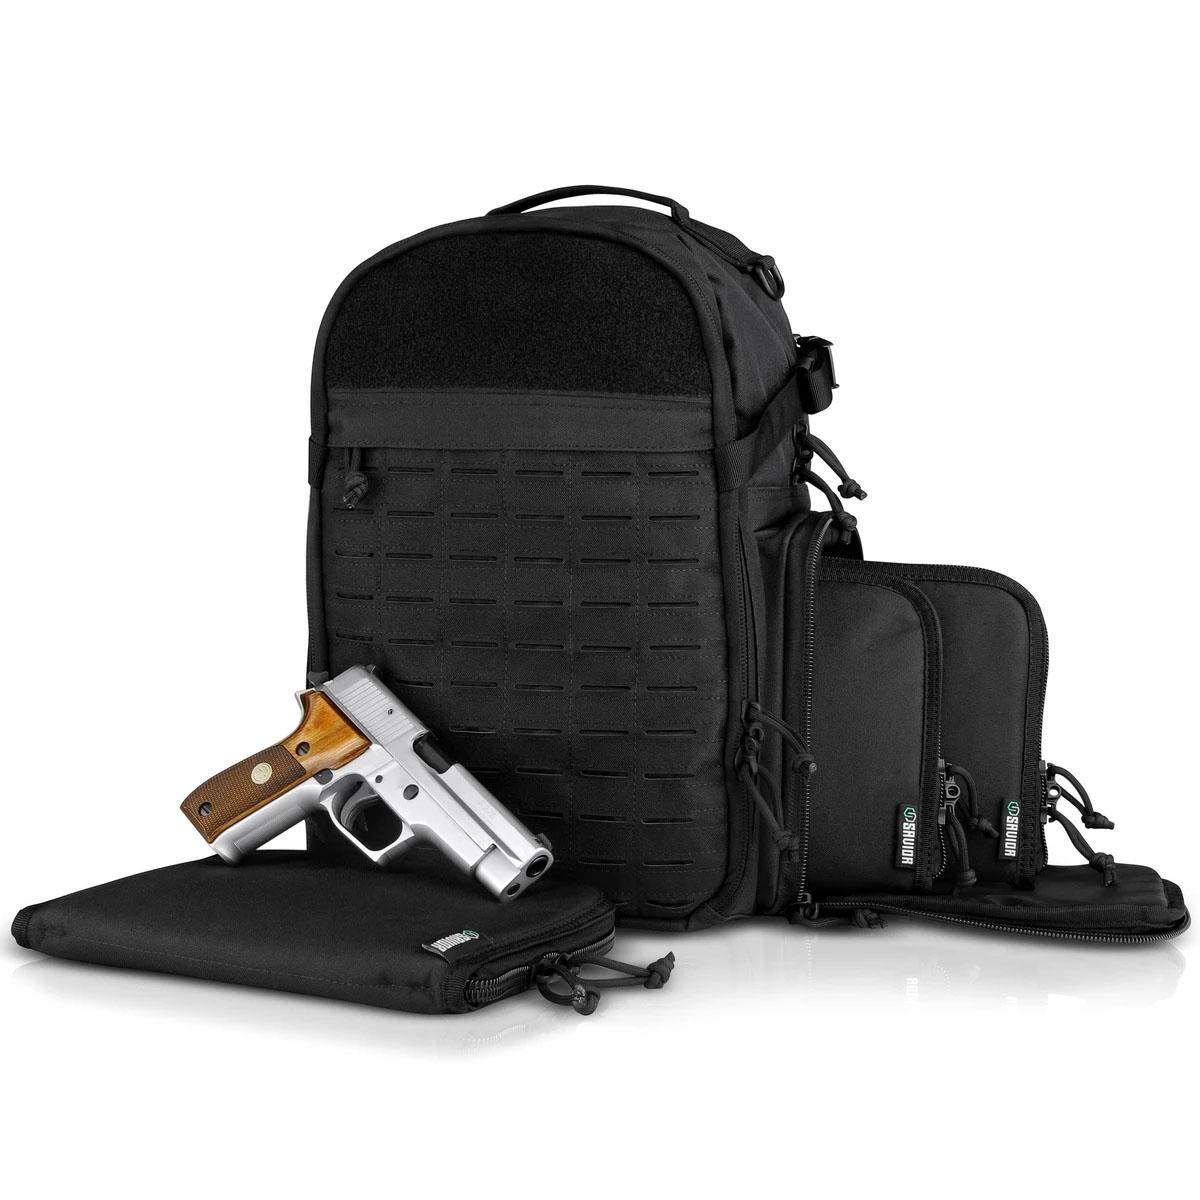 Savior Equipment Savior S.E.M.A - Compact Mobile Arsenal Backpack